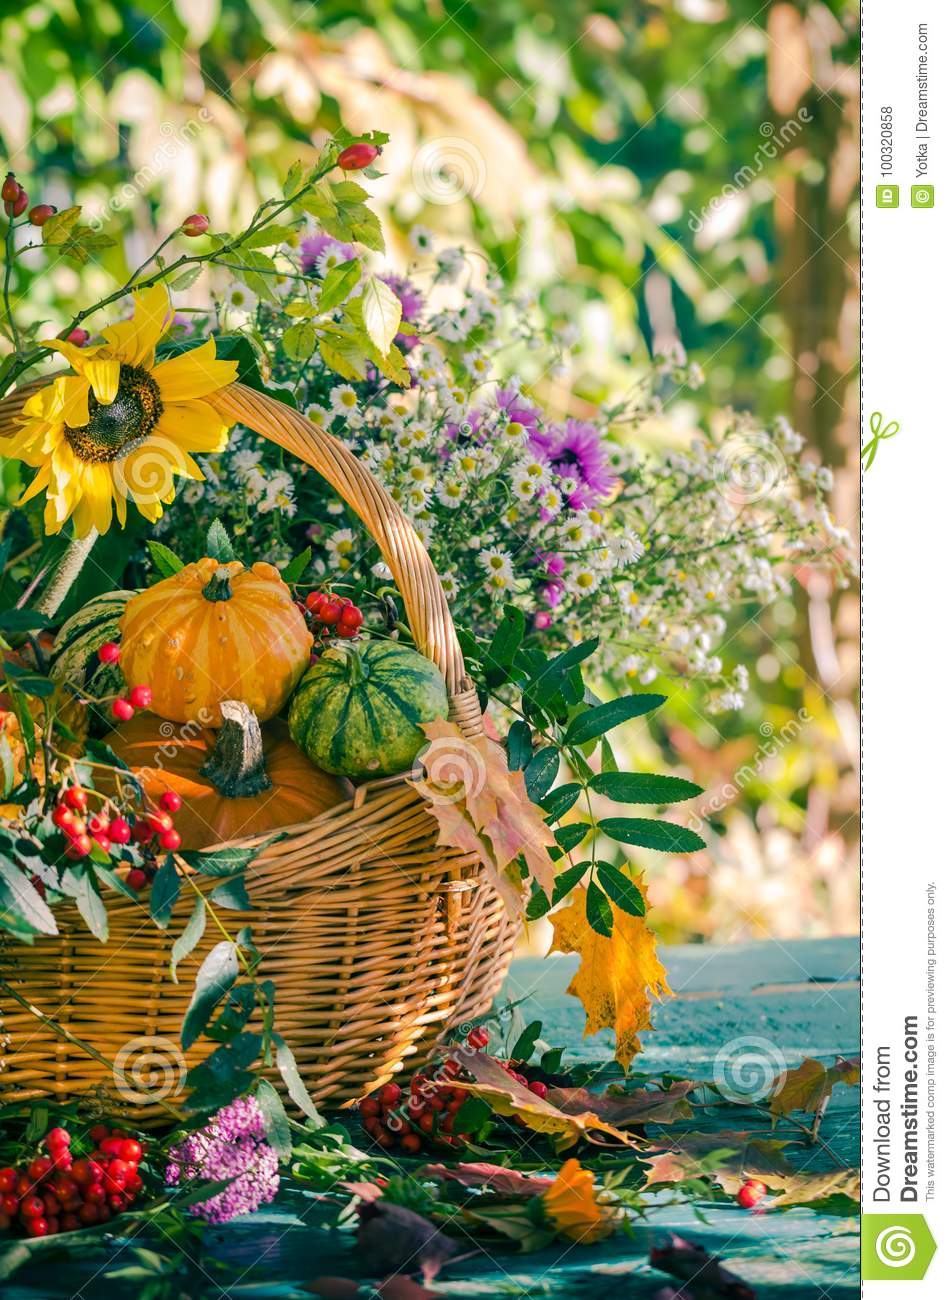 le-potiron-de-jardin-récolte-d-automne-panier-chute-porte-des-fruits-fleur-colorée-100320858